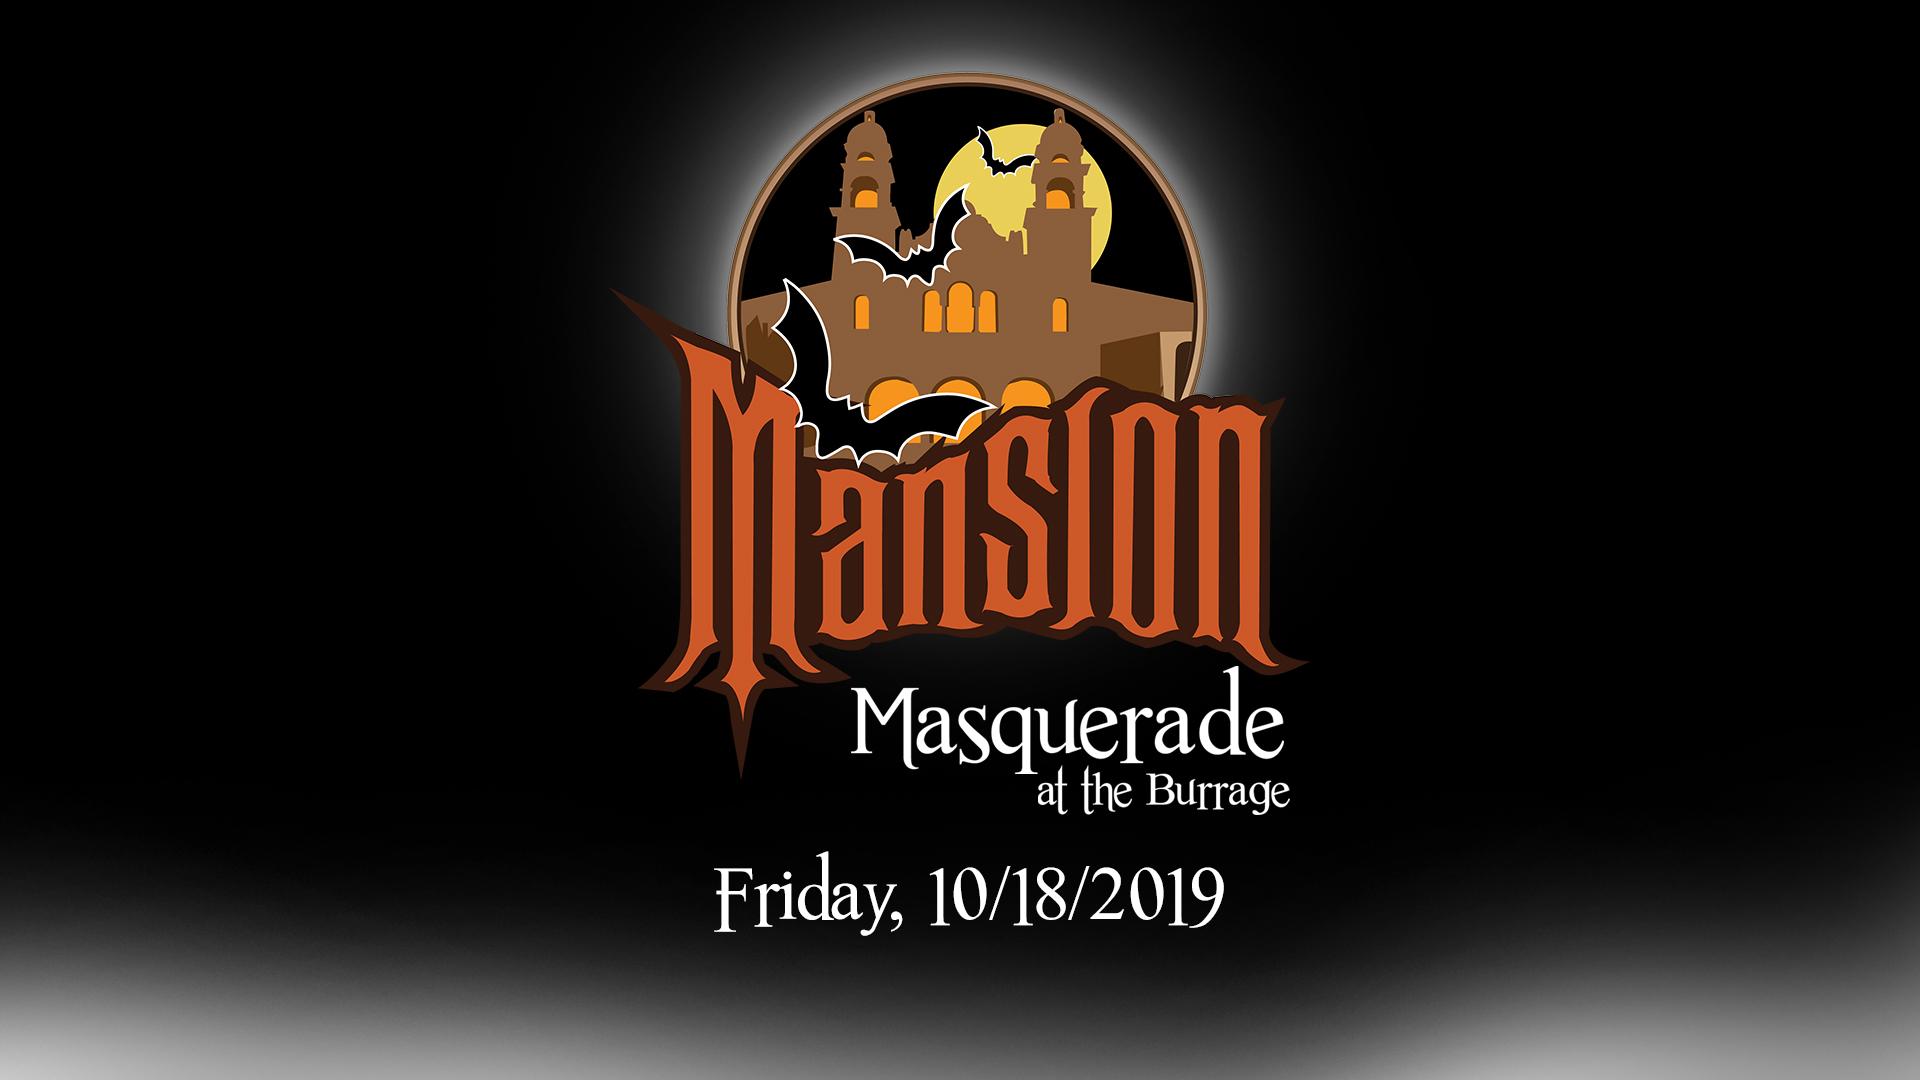 2019 Mansion Masquerade